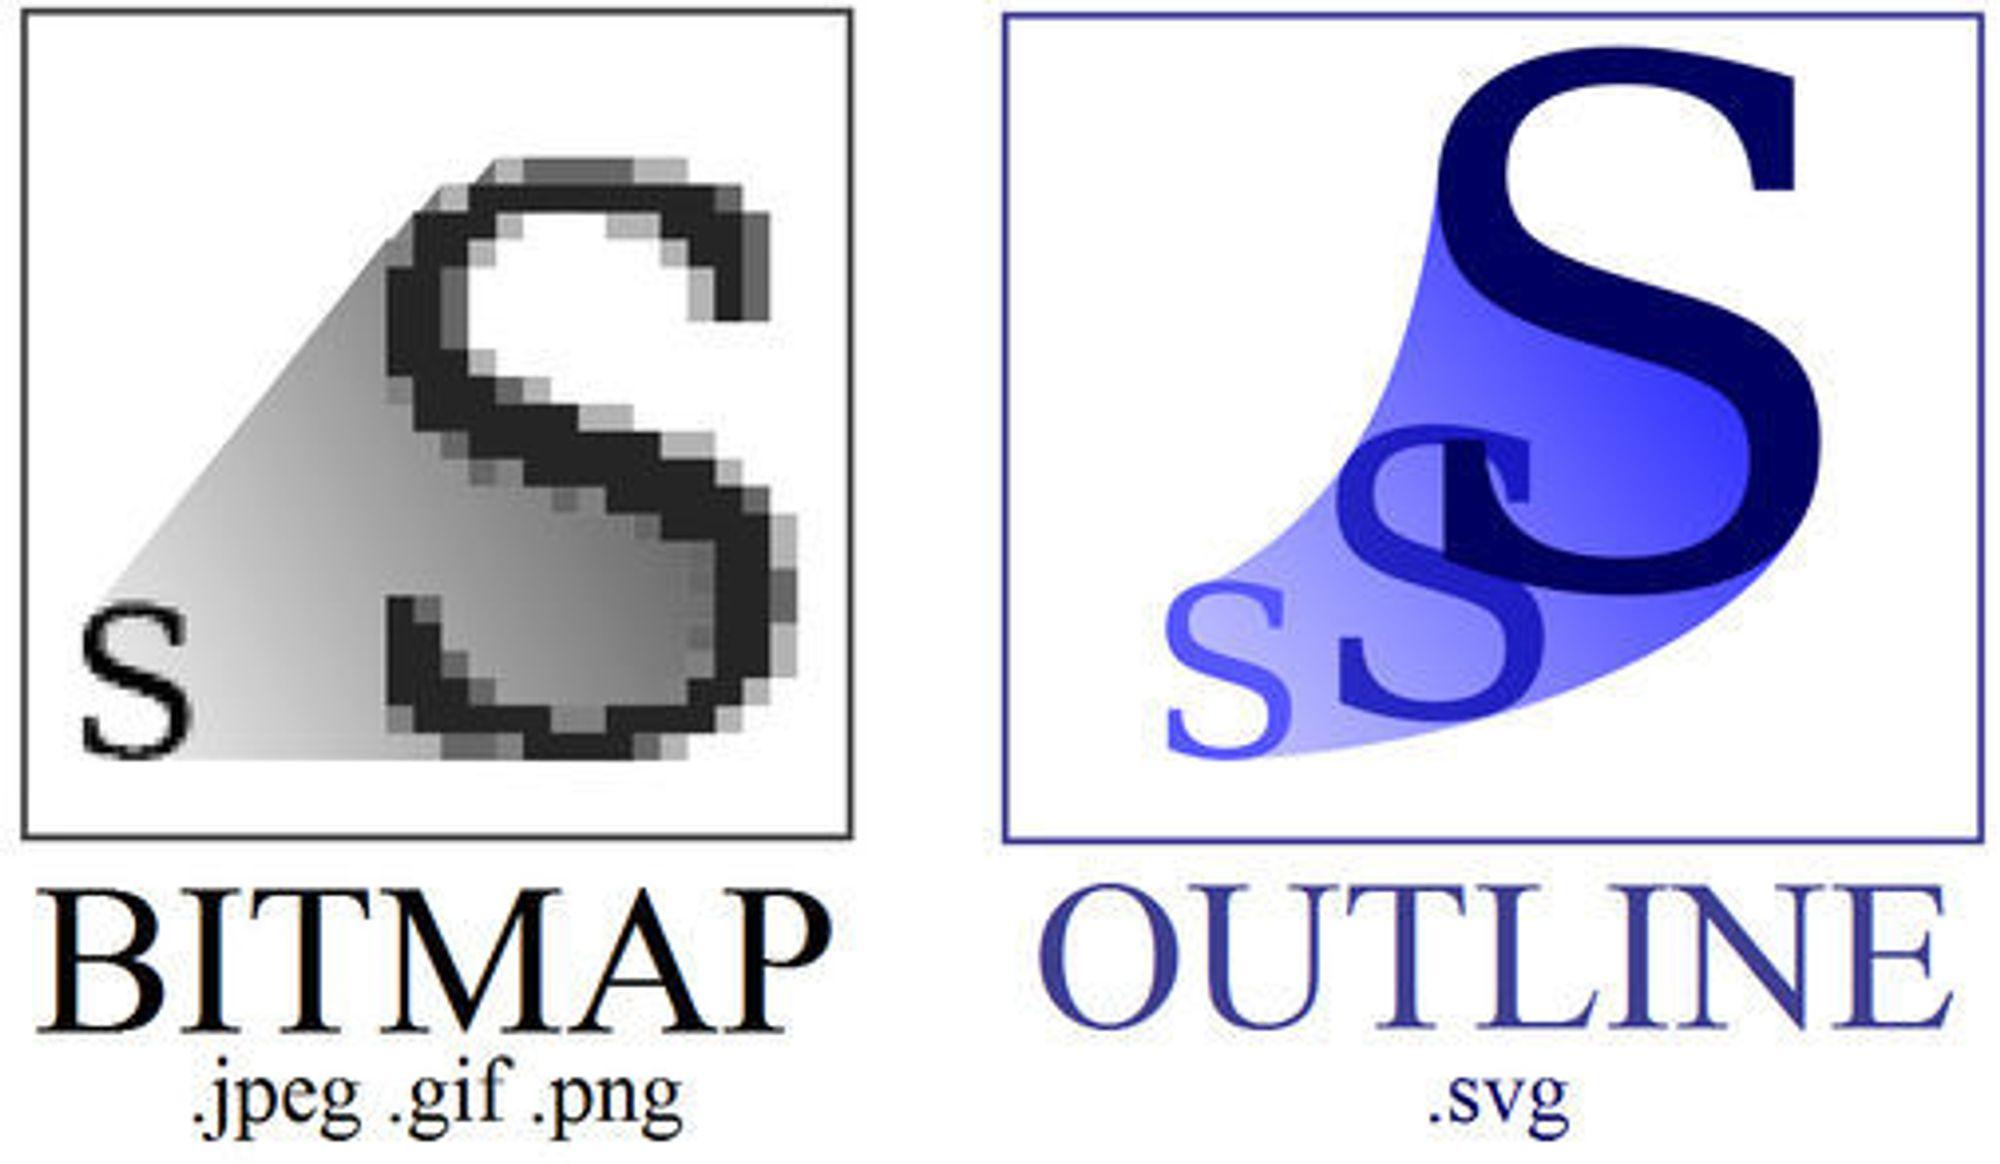 Fordelen med vektorgrafikk (til høyre) kommer særlig når man skalerer opp bilder. Vanlig punktgrafikk (bitmap) vises til venstre.